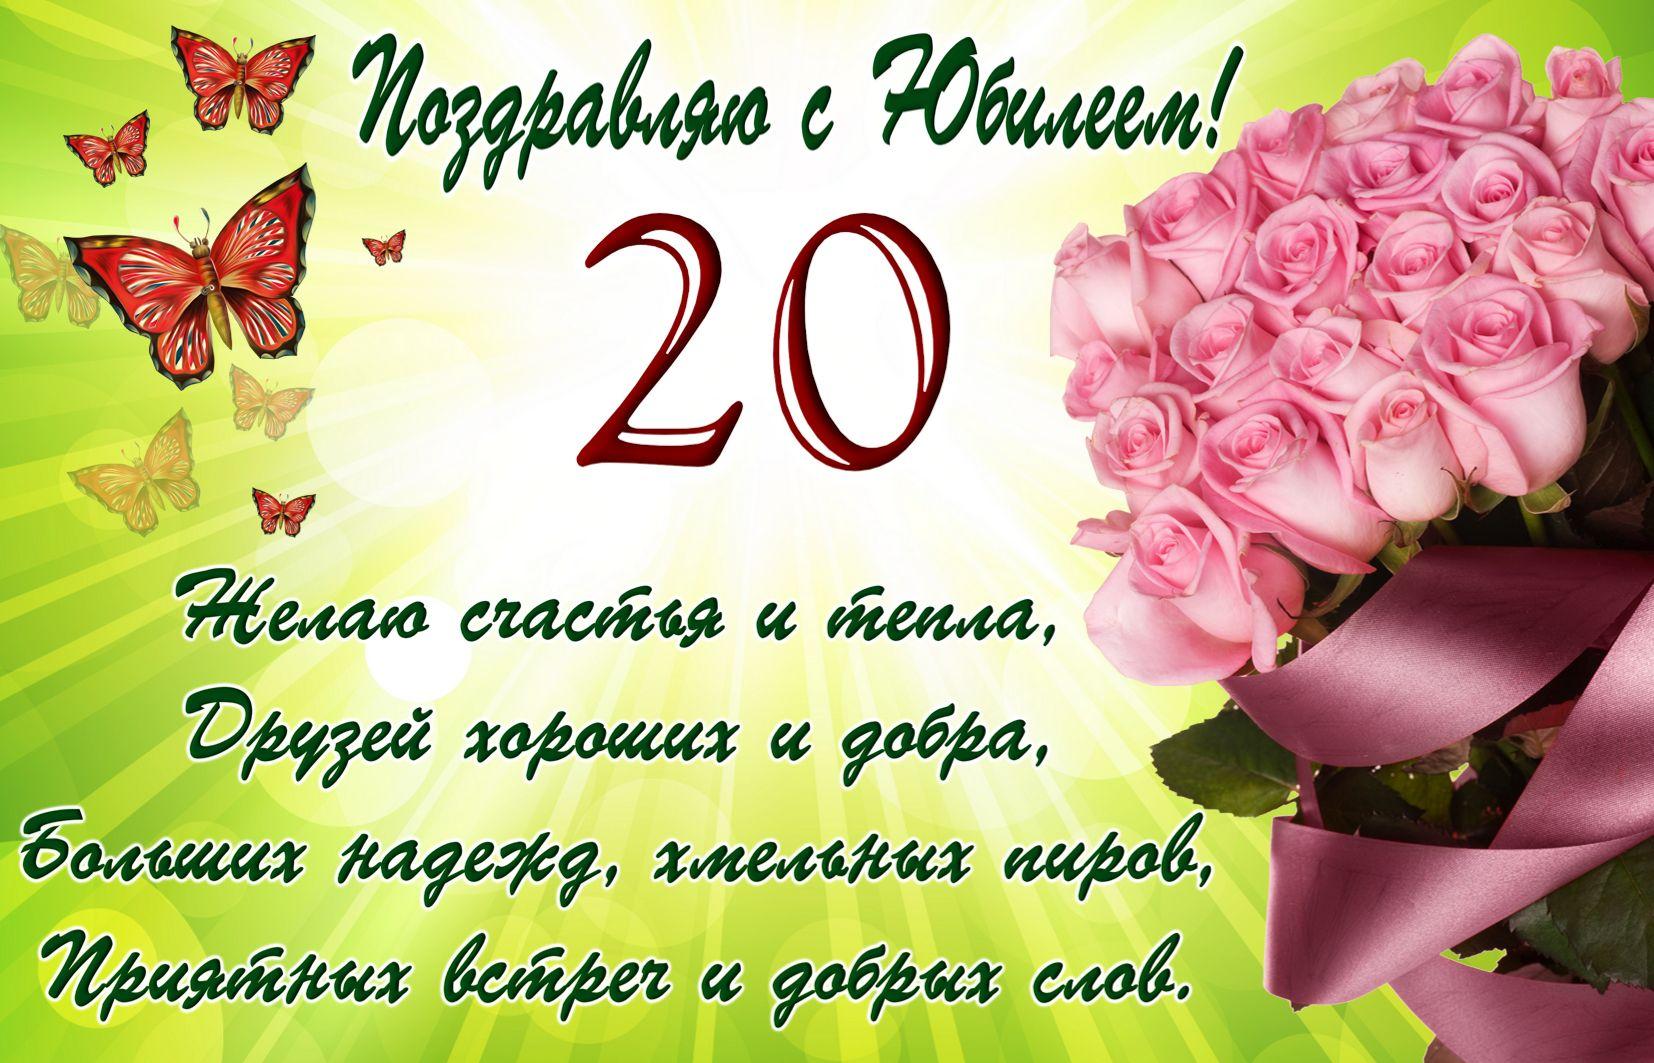 Открытка на юбилей на 20 лет - пожелание на красивом фоне с розами